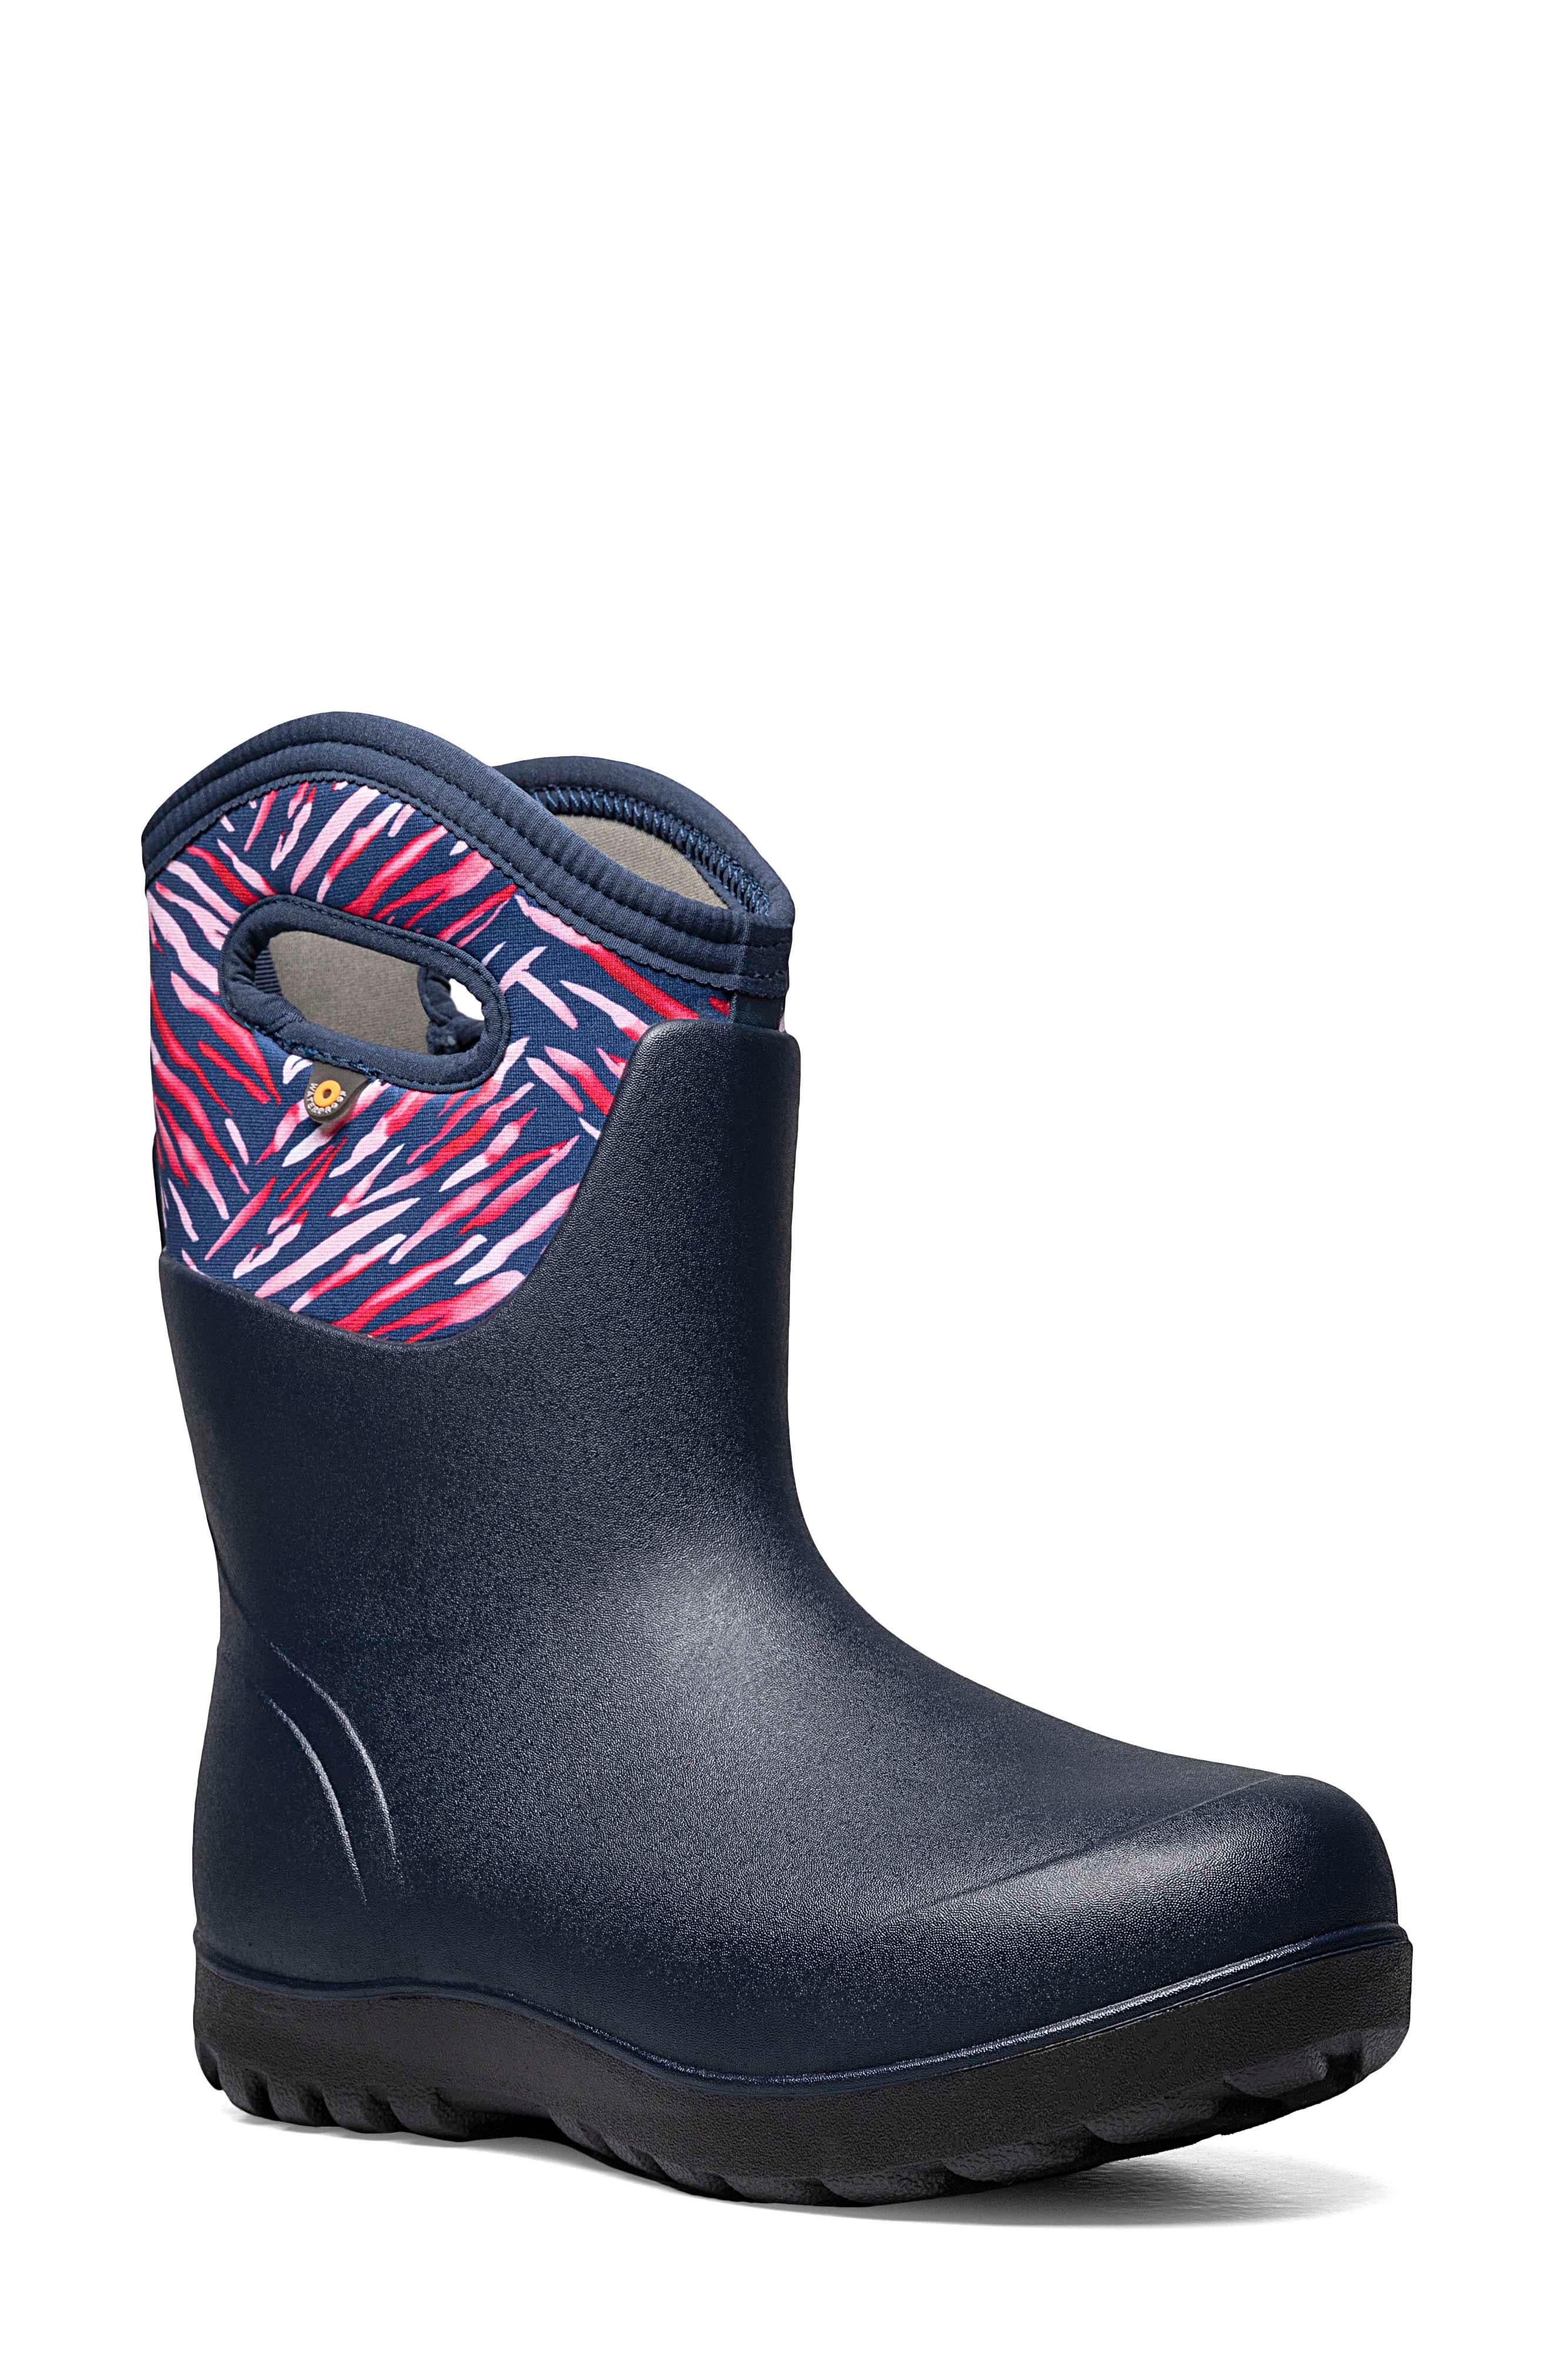 Neo Classic Waterproof Rain Boot